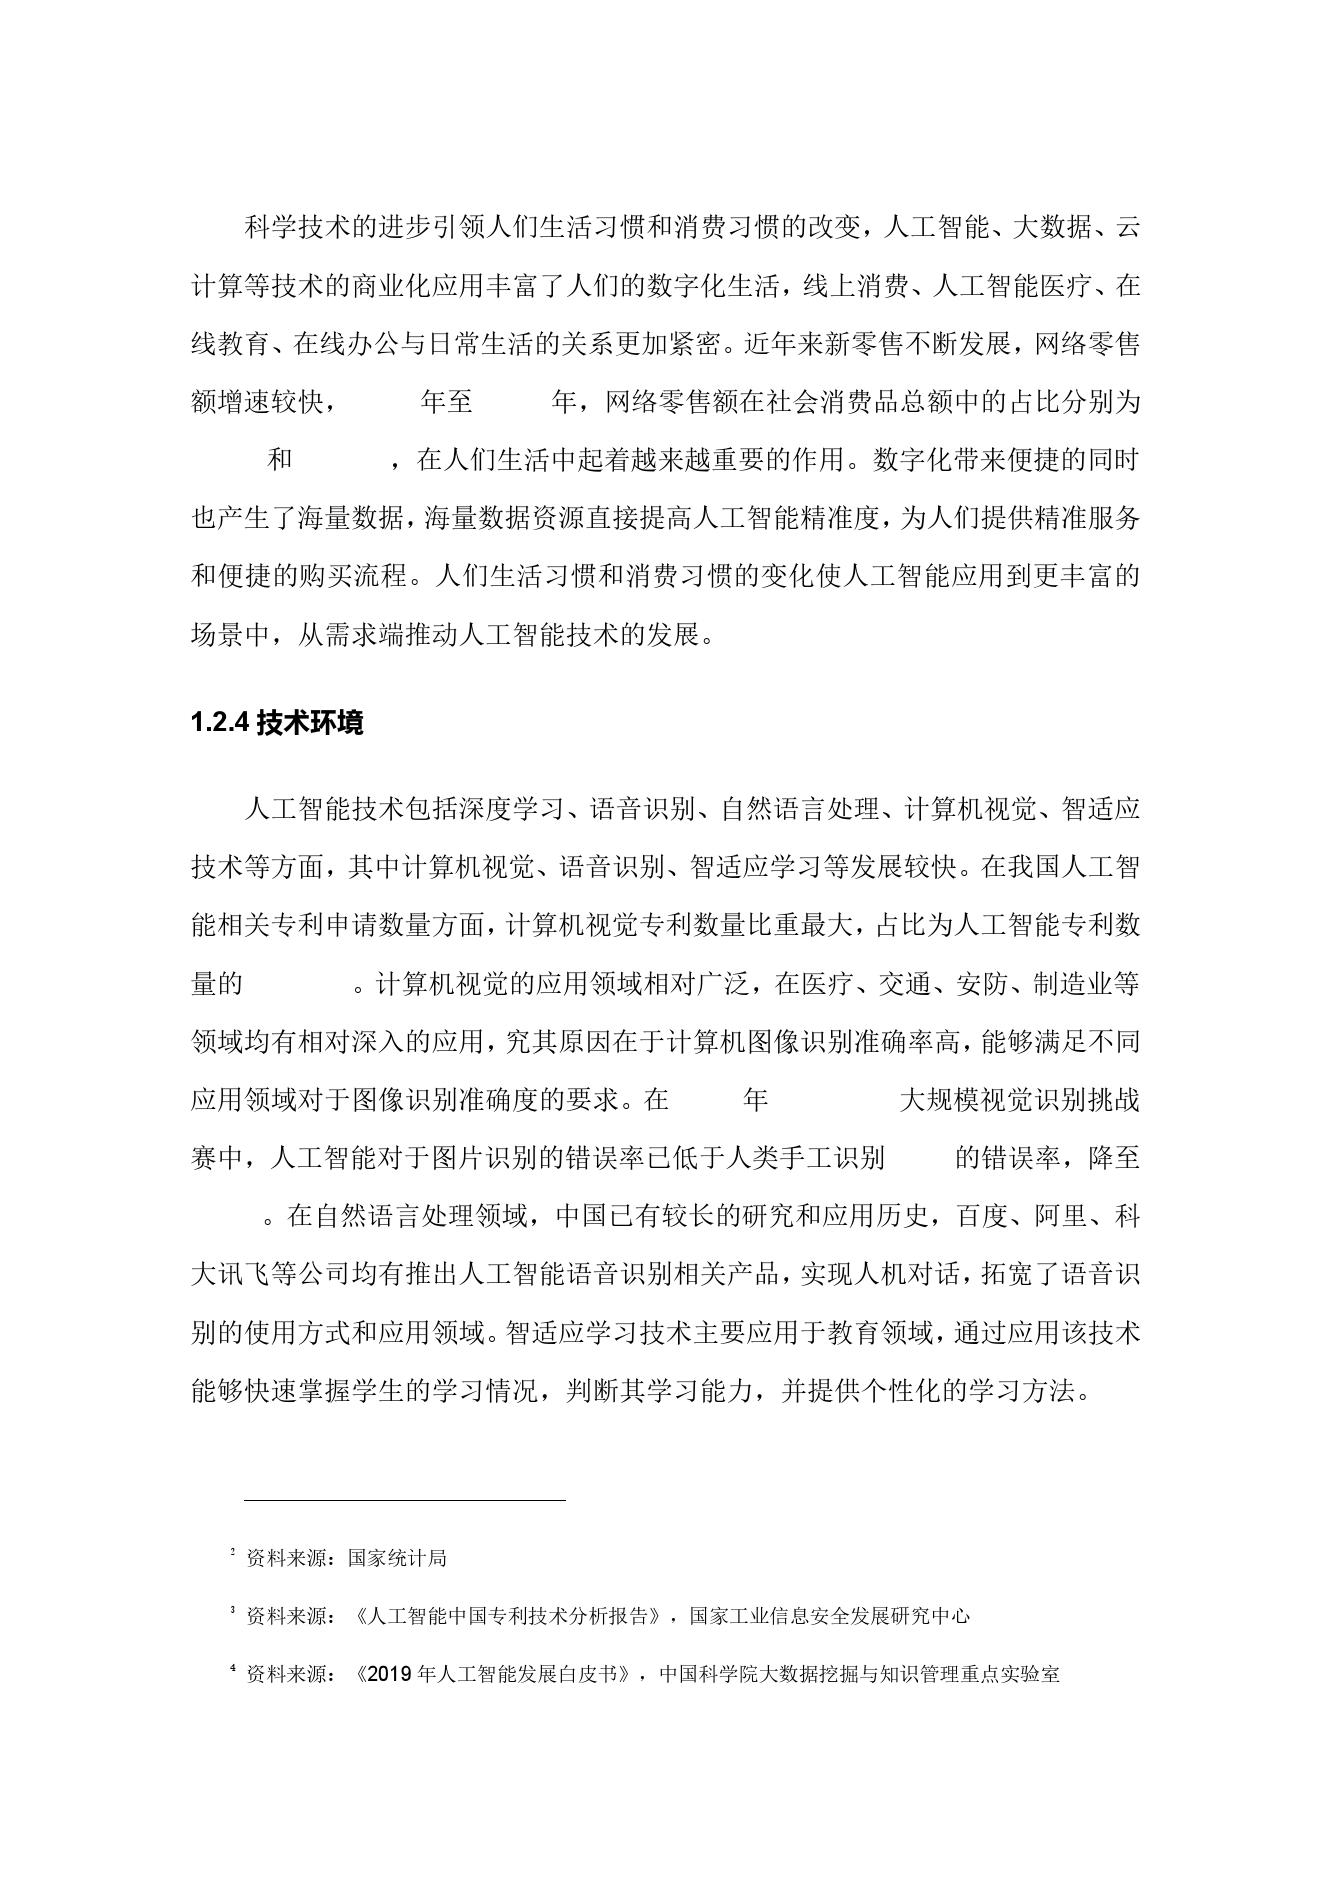 36氪研究院:2020年中国城市人工智能发展指数报告(可下载报告)插图(17)